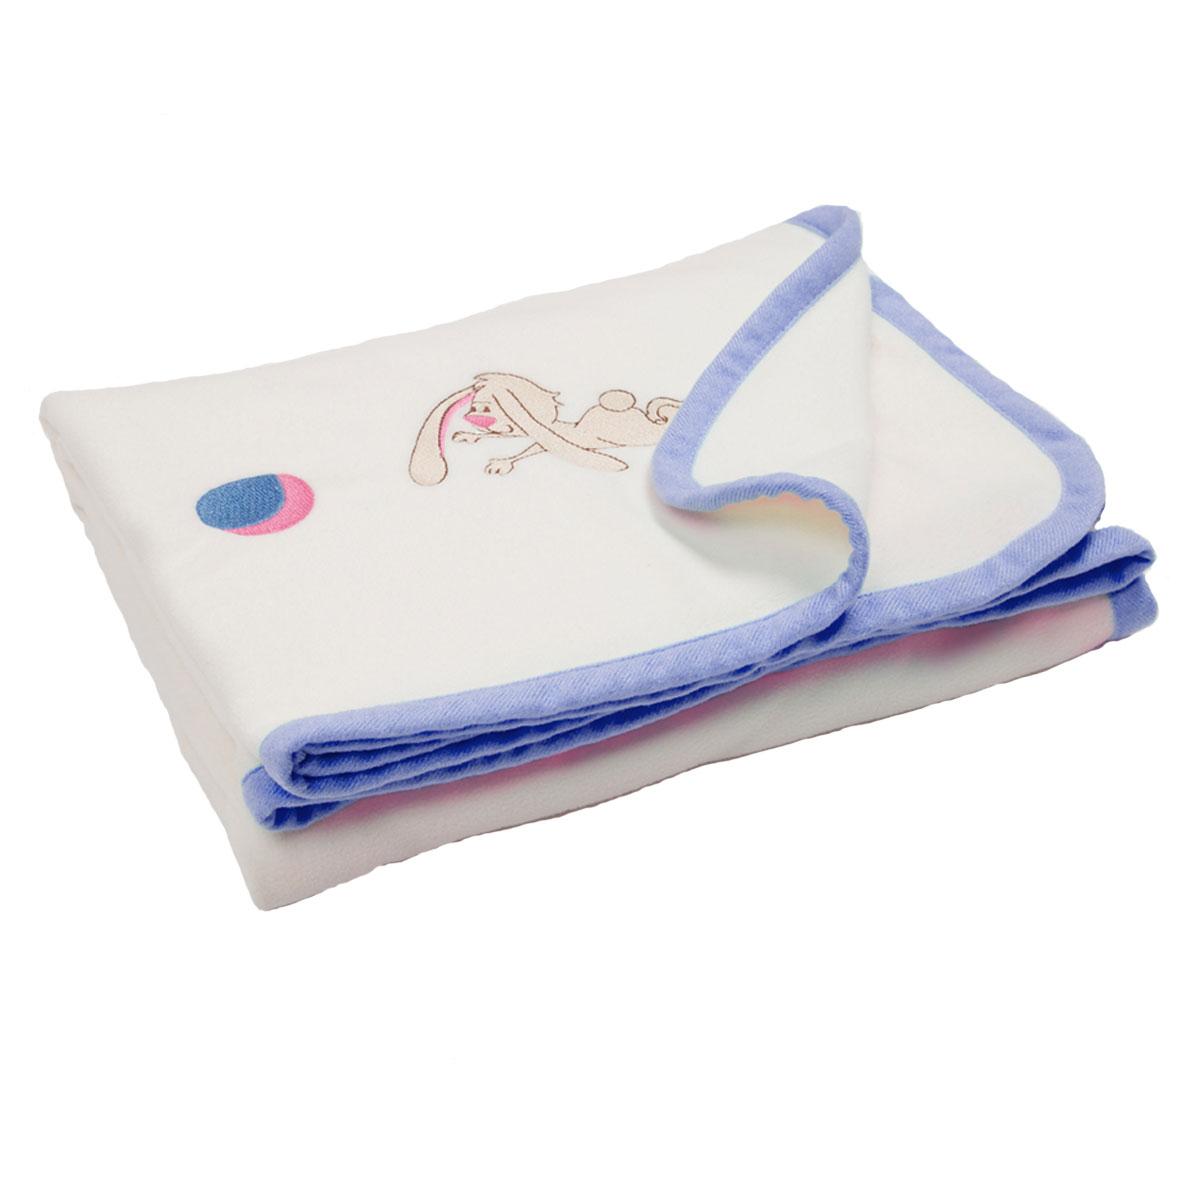 Primavelle Флисовый плед с вышивкой Lovely цвет белый голубой 100 х 80 см250075118-18вМягкий плед для малышей Primavelle выполнен из флиса - теплого, легкого, долговечного трикотажного материала.Плед очень приятный на ощупь и обладает эффектом сухого тепла за счет высокого уровня вентиляции и малого коэффициента поглощения влаги. Подходит для прохладной погоды. Изделие не вызывает аллергии. Плед удобен в эксплуатации: легко стирается, быстро сохнет, не требует глажки и обладает антипиллинговым свойством. Детский плед Primavelle - лучший выбор родителей, которые хотят подарить ребенку ощущение комфорта и надежности уже с первых дней жизни.Уход: стирка в теплой воде (температура до 30 °C), нельзя выжимать и сушить в стиральной машине, химчистка запрещена, нельзя отбеливать, не гладить.